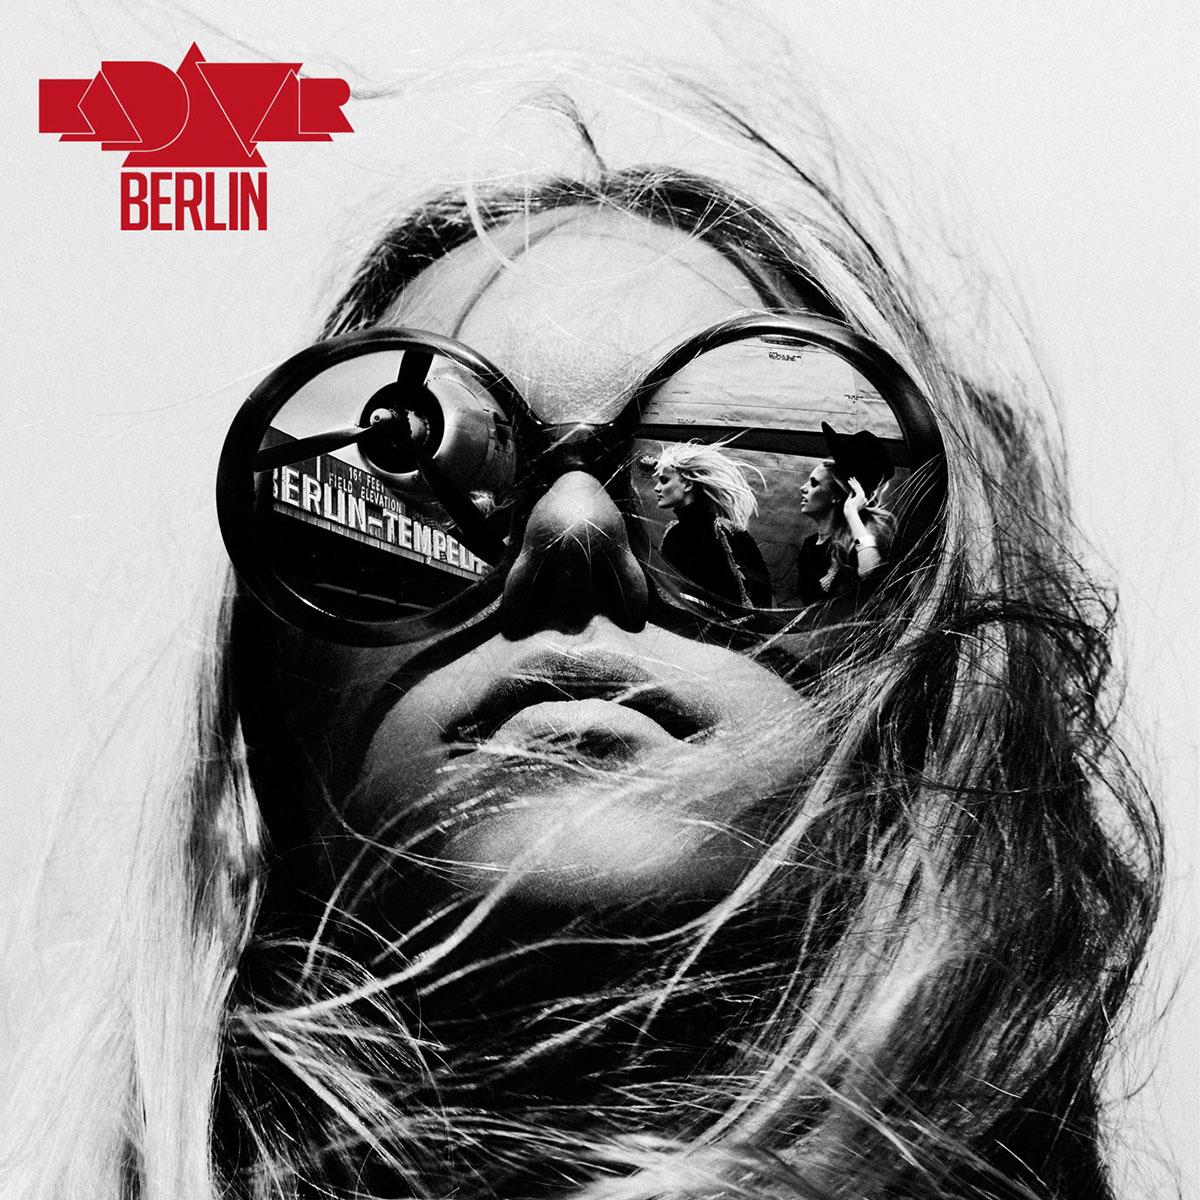 BERLIN // ALBUM ARTWORK - Downgraf